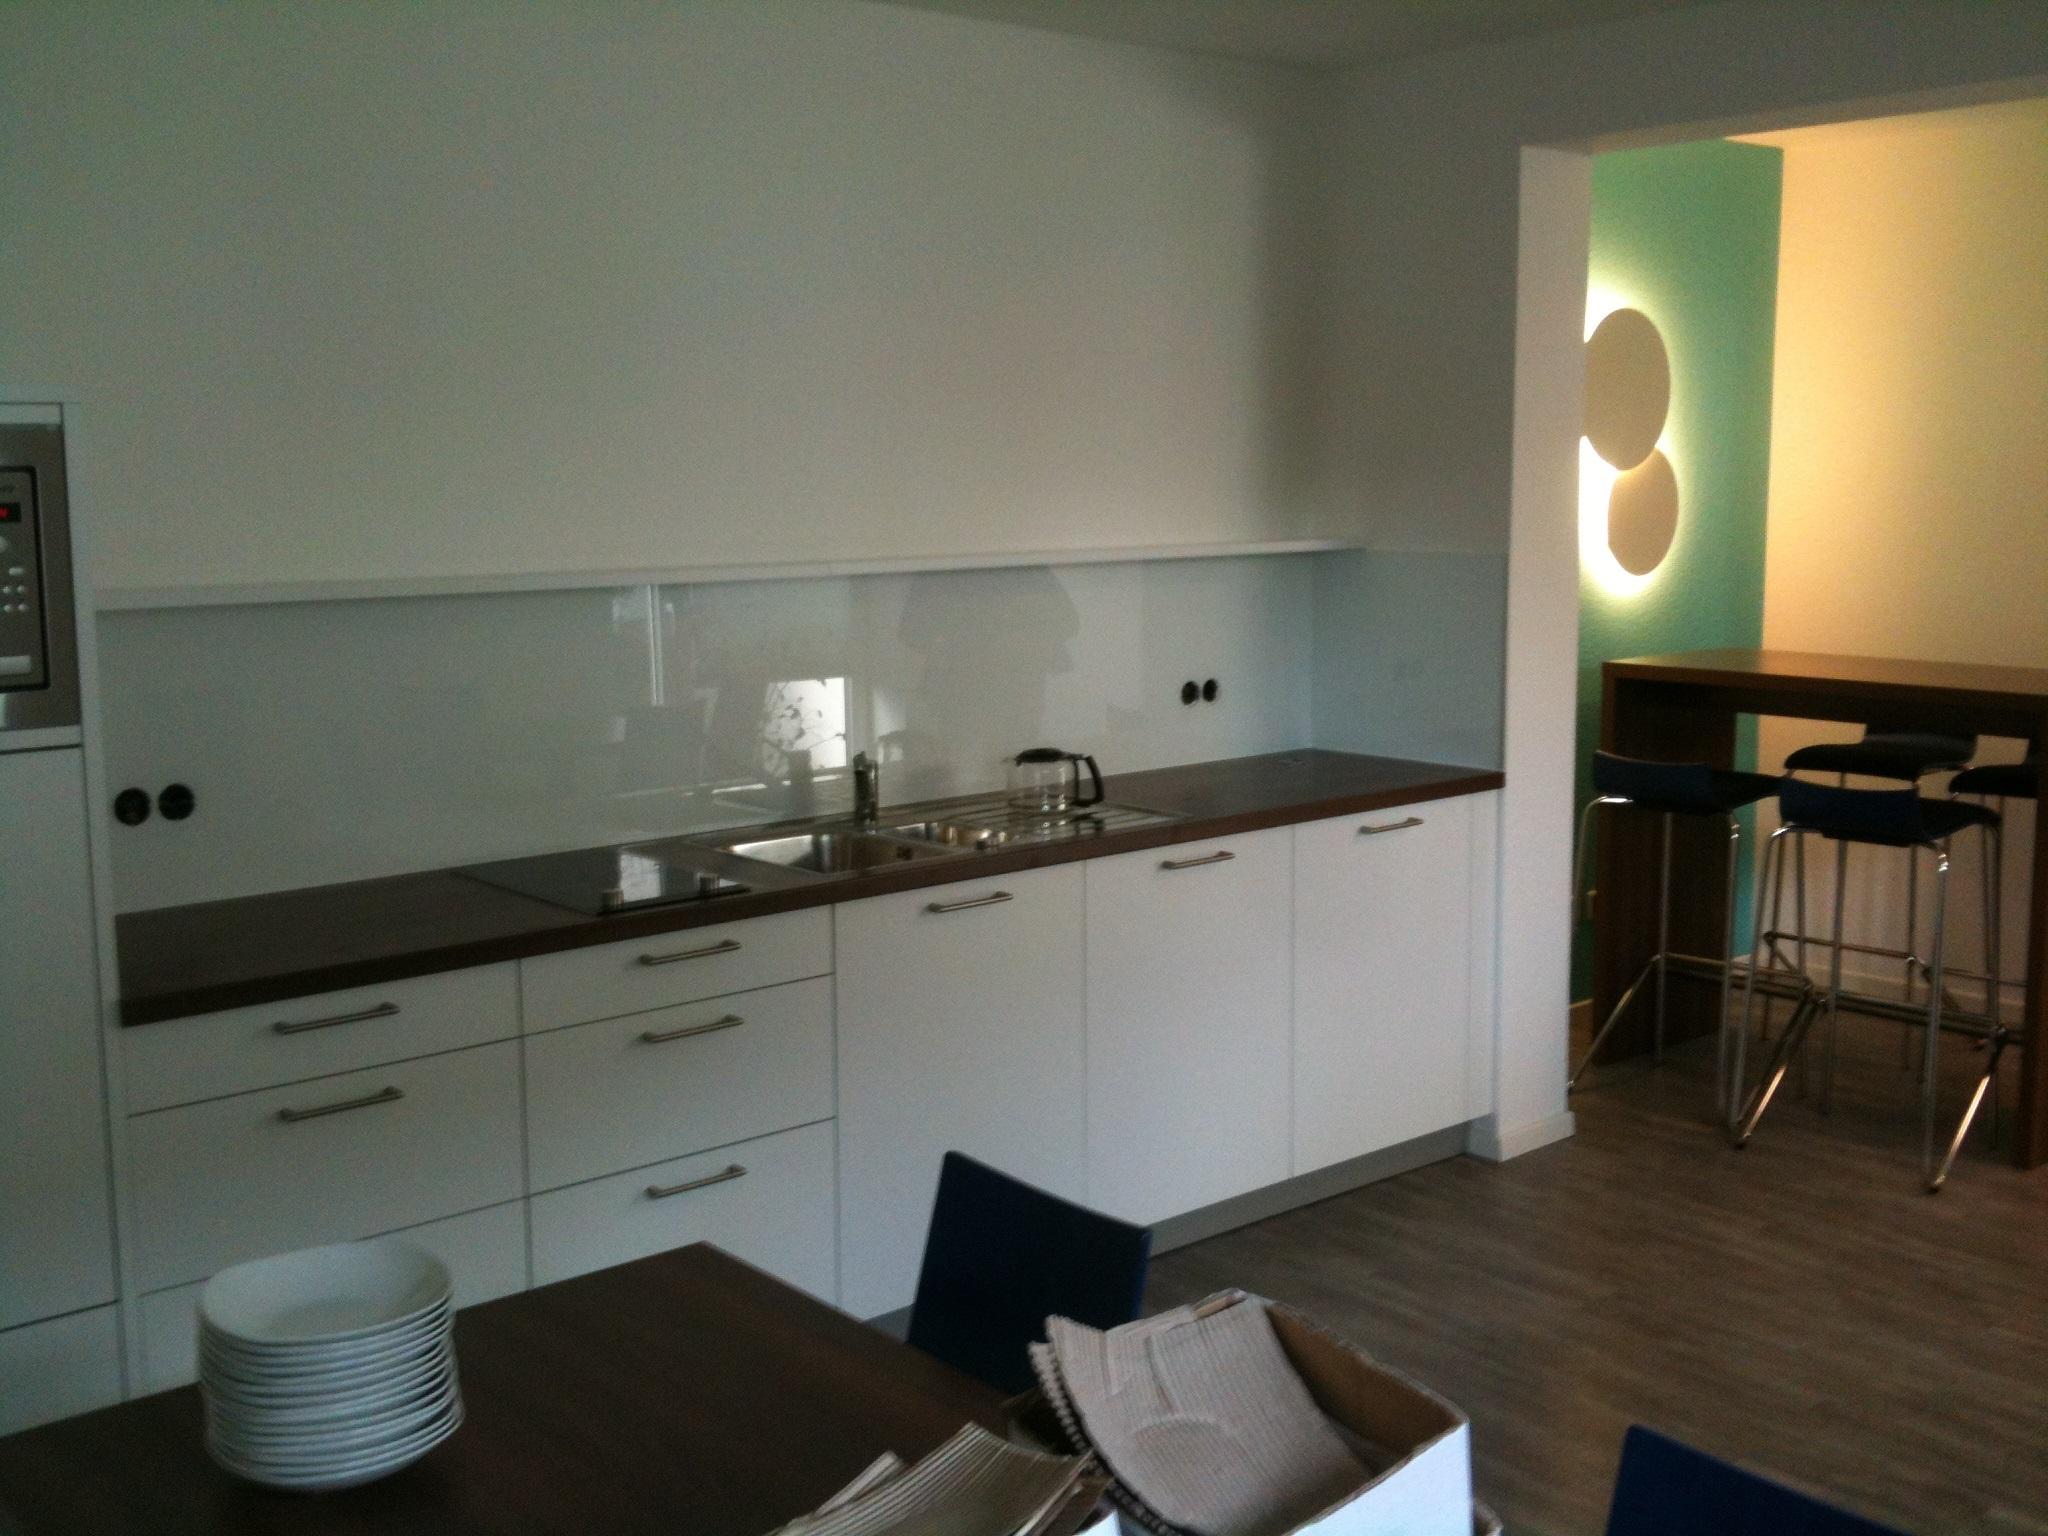 Full Size of Kchenrckwandglas Fliesenspiegel Rckwandglas Wandpaneel Ikea Küche Kosten Betten Bei 160x200 Kaufen Modulküche Sofa Mit Schlaffunktion Miniküche Wohnzimmer Küchenrückwand Ikea